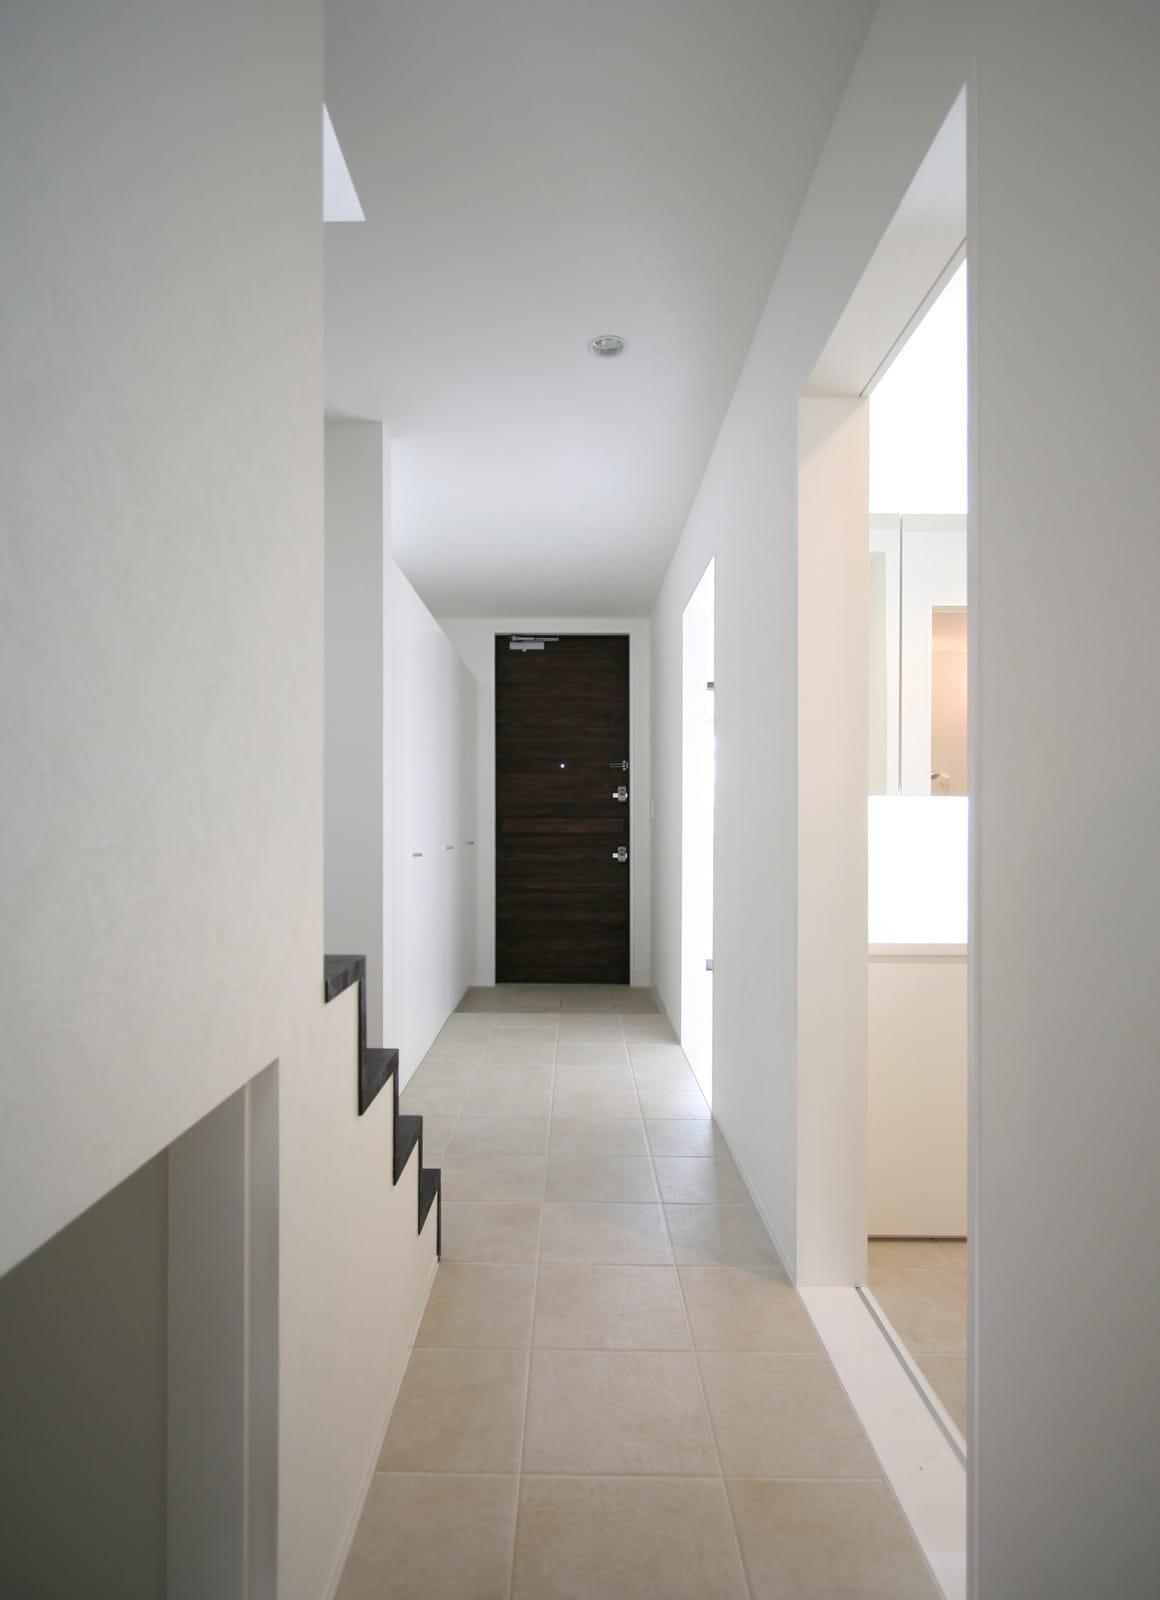 桜を眺める築40年の戸建住宅再生の玄関(土間・ホール)1